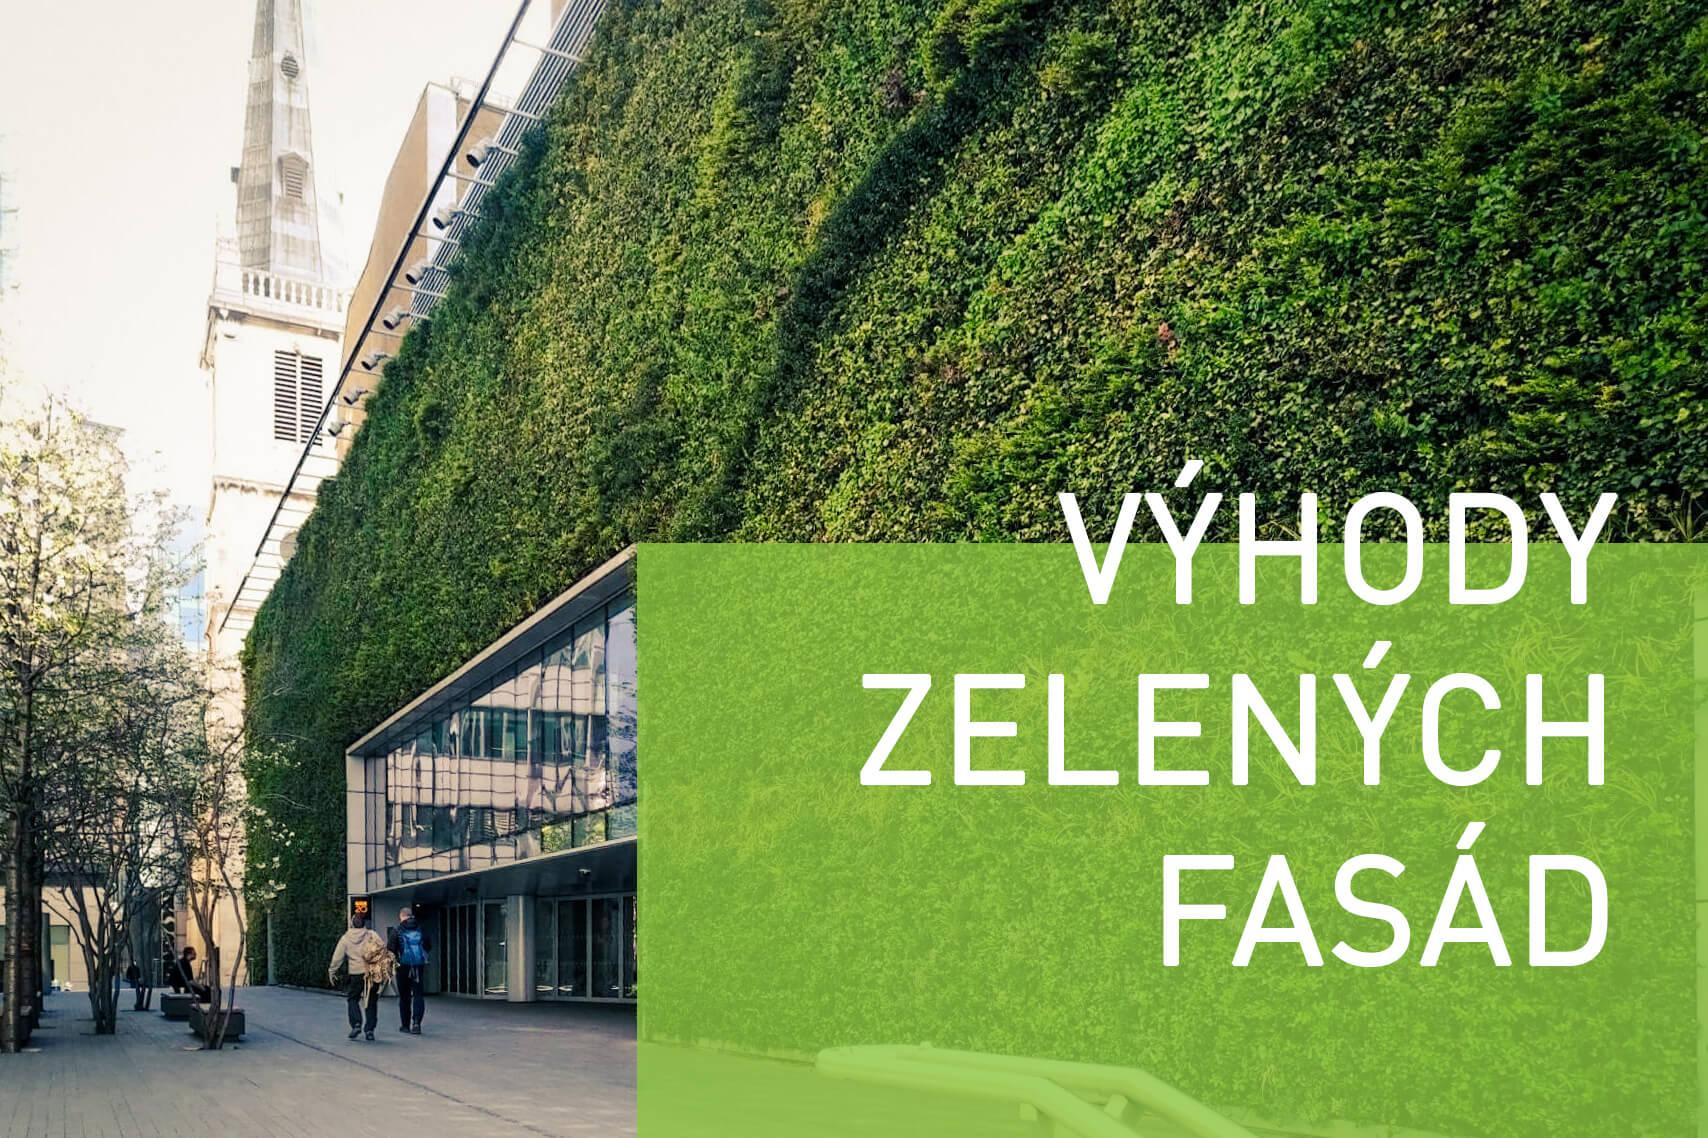 Aké výhody majú jednotlivé zelené fasády?